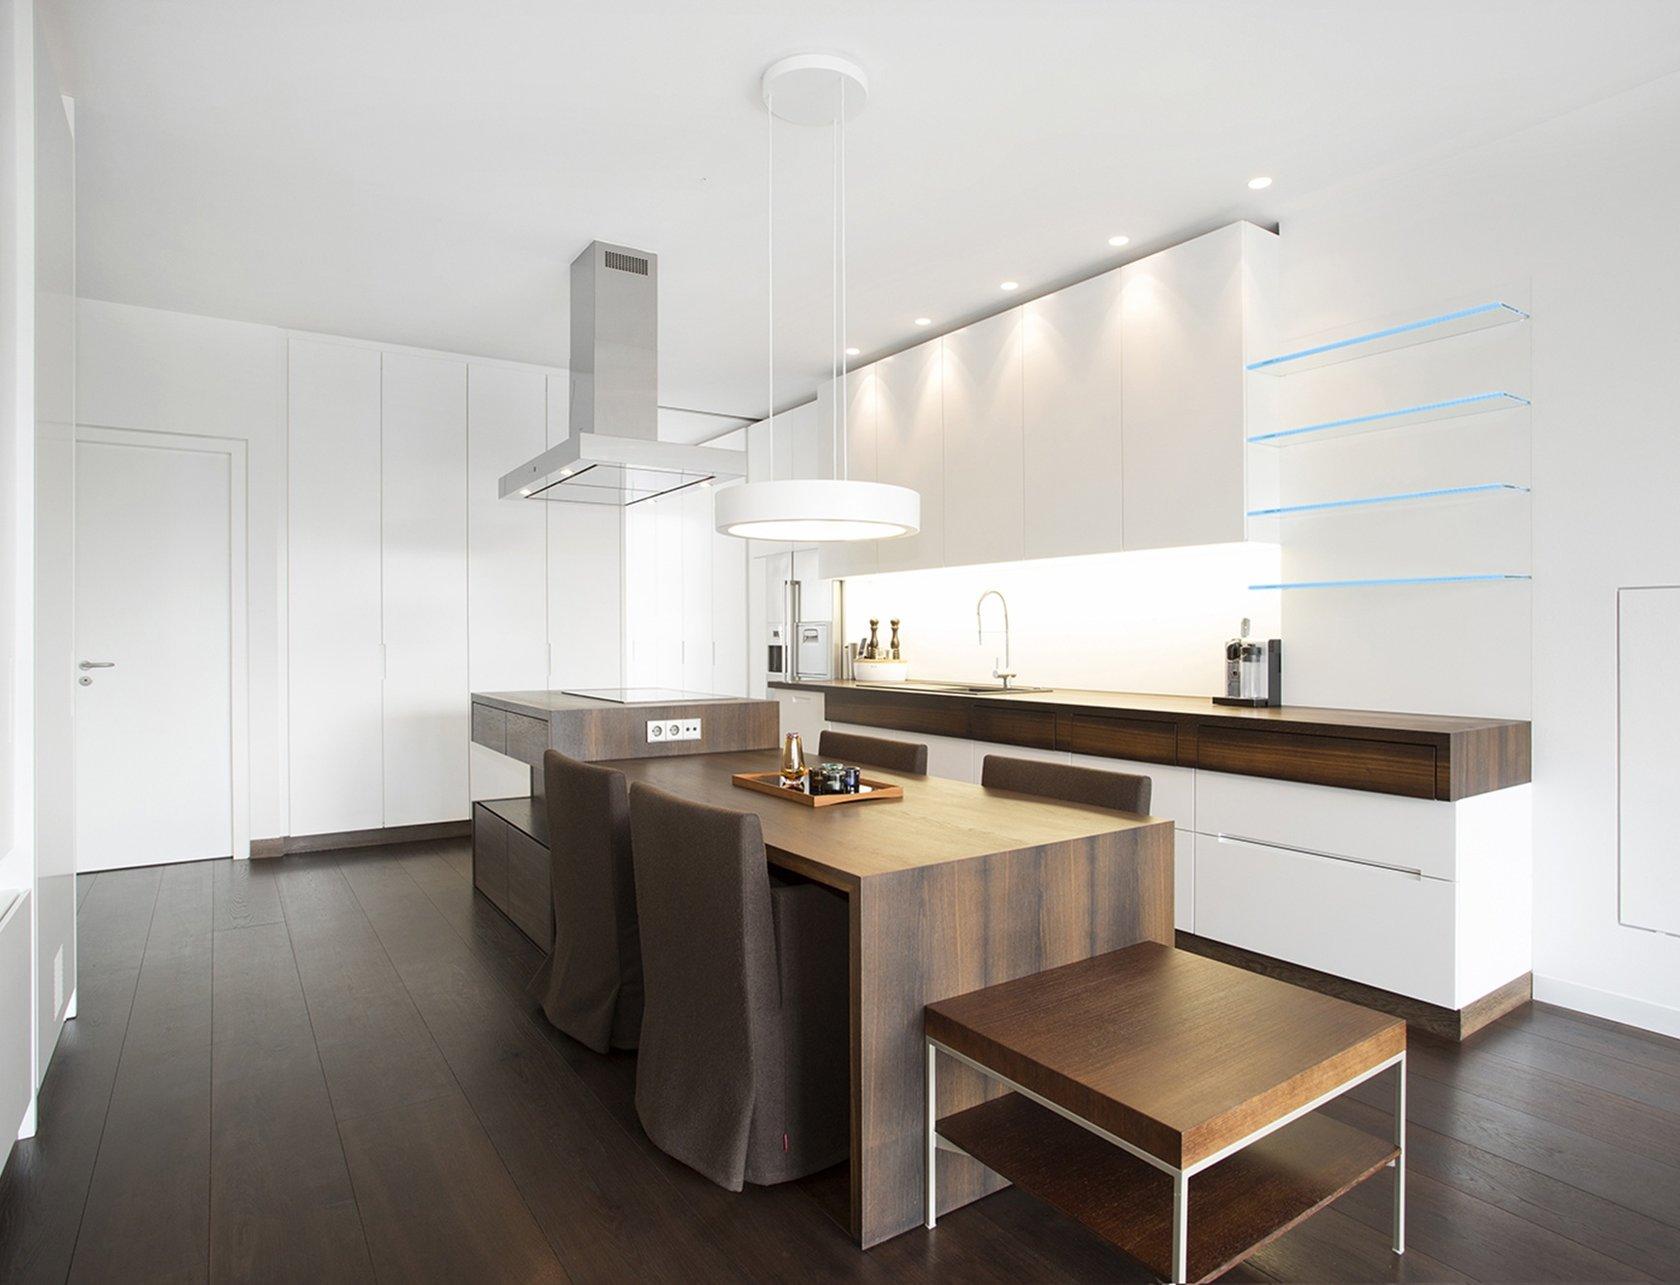 Wohnung Mieten Berlin Offene Kuche Ikea Kuche Faktum Weiss